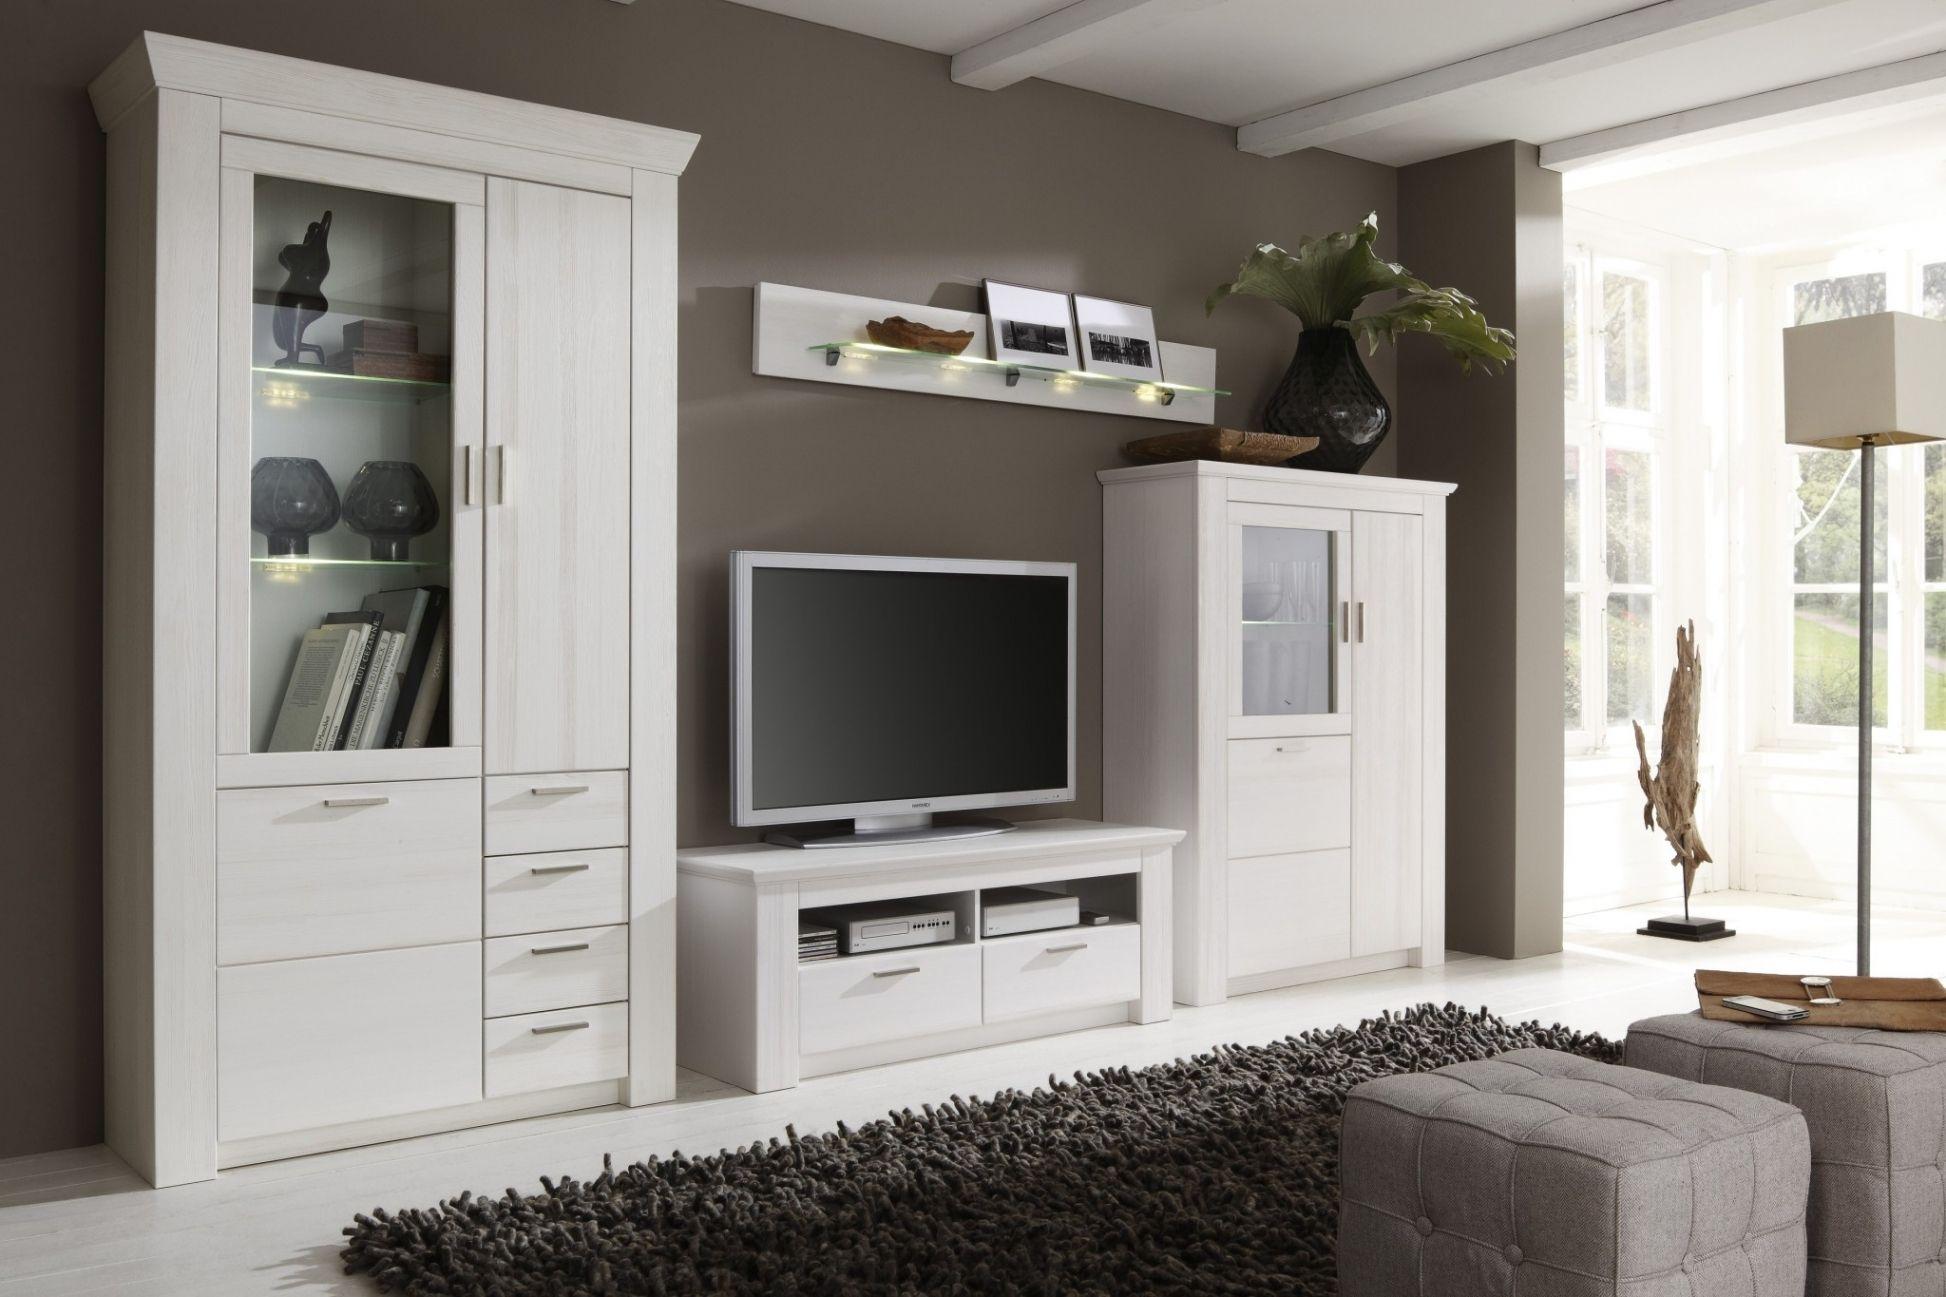 Lovely Wohnwand Landhaus Modern  Wohnzimmermbel in 2019